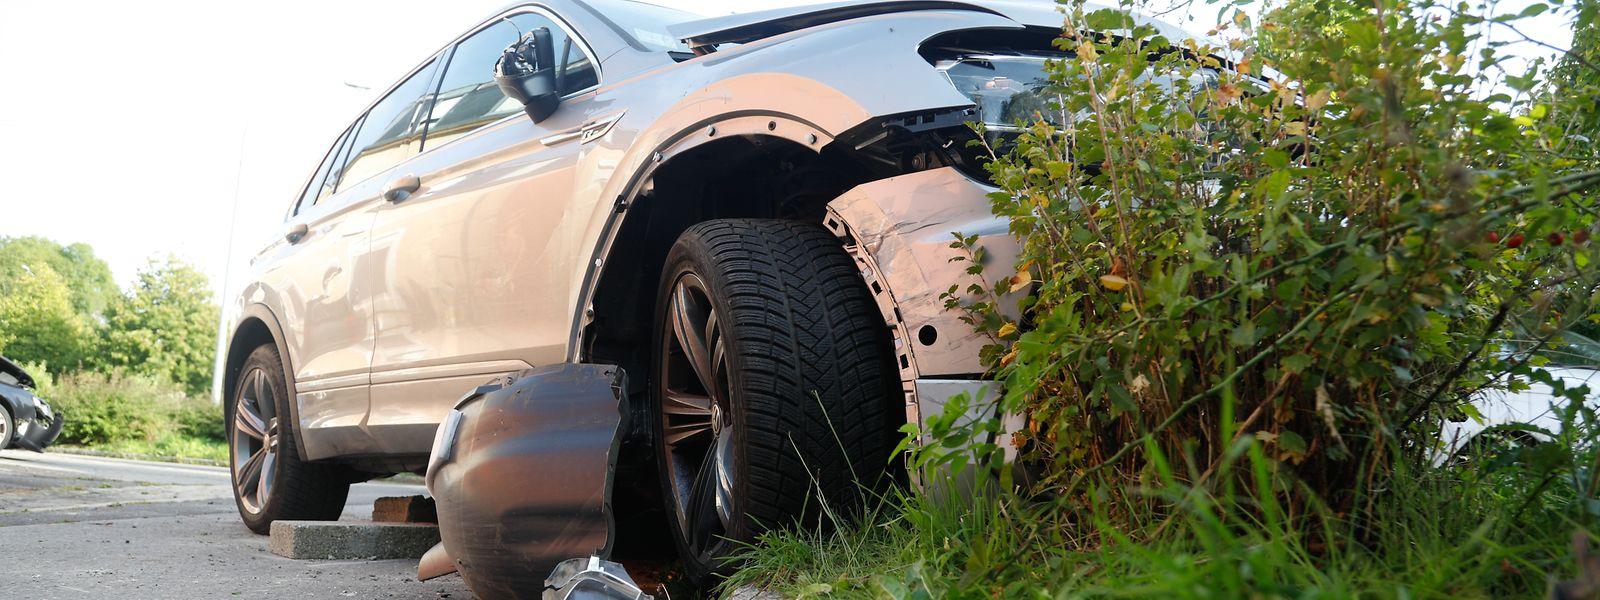 Bei dem Unfall wurden vier Personen verletzt.